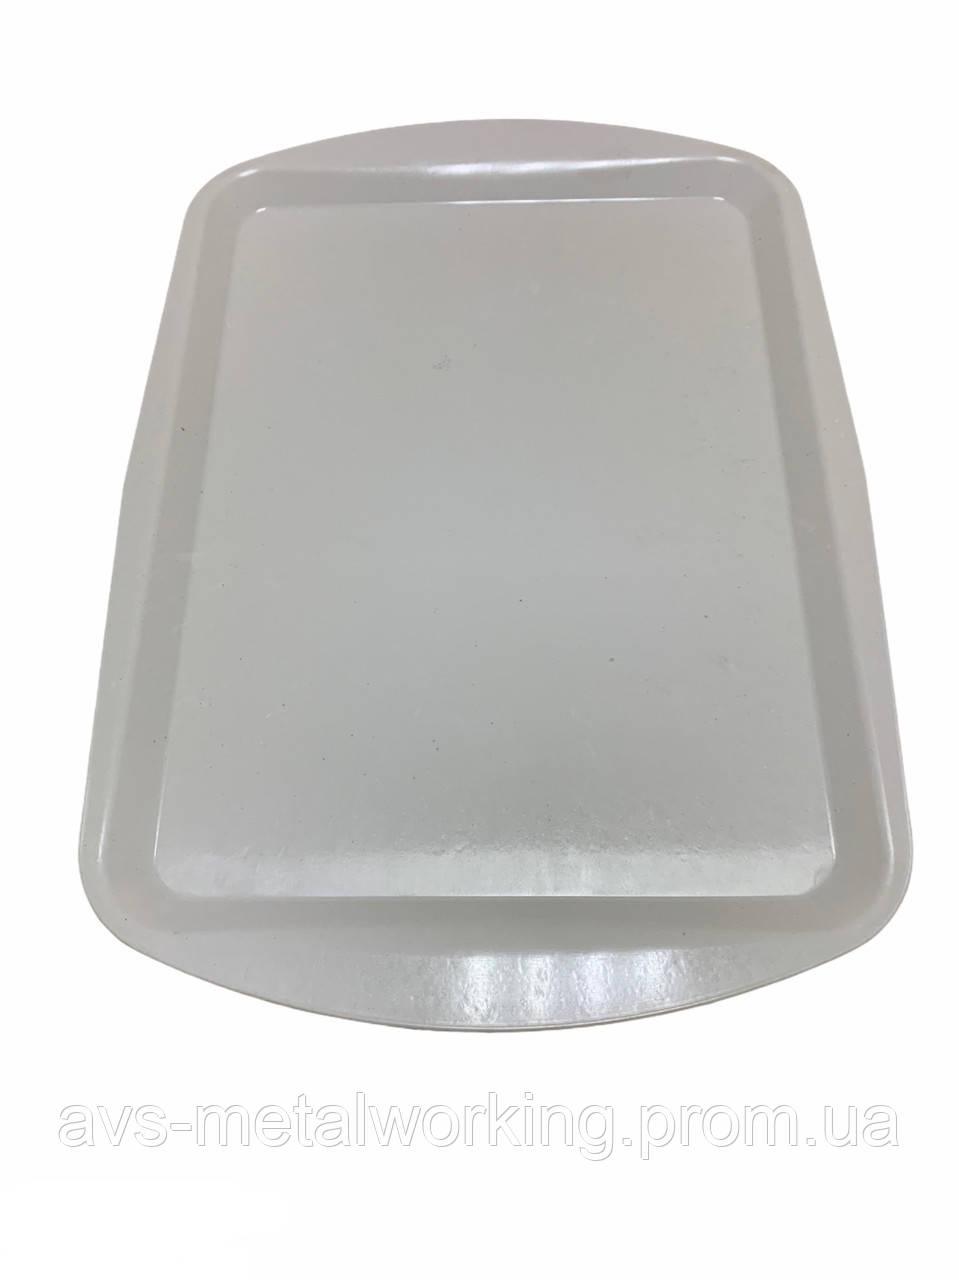 Поднос пластиковый для заморозки полуфабрикатов